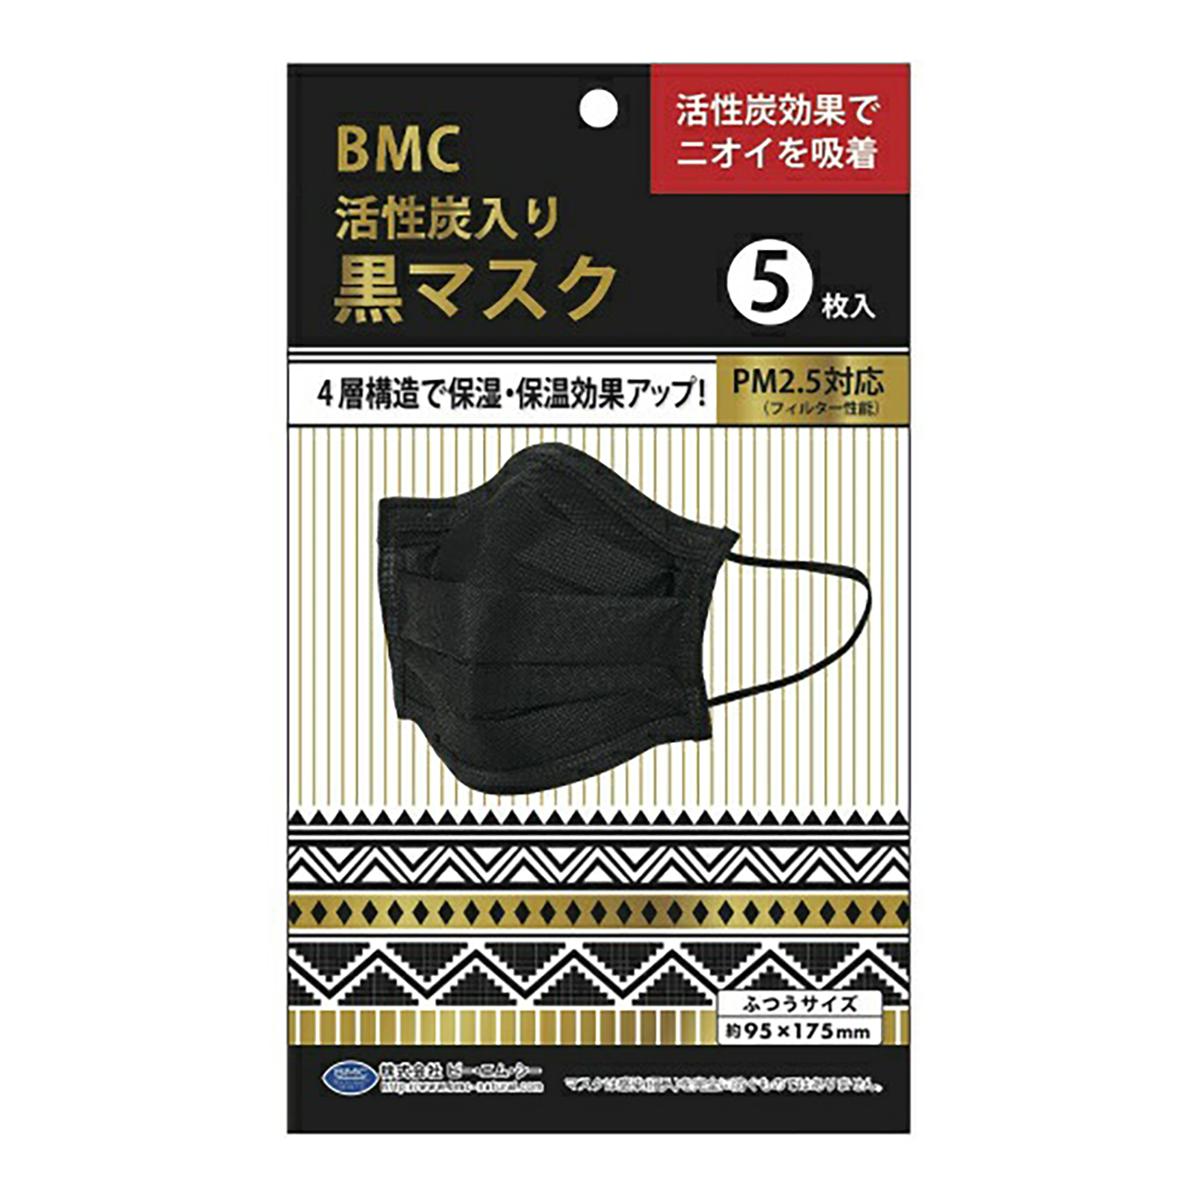 【送料込・まとめ買い×200】BMC 活性炭入り 黒マスク ふつうサイズ 5枚入×200点セット(4580116955525)